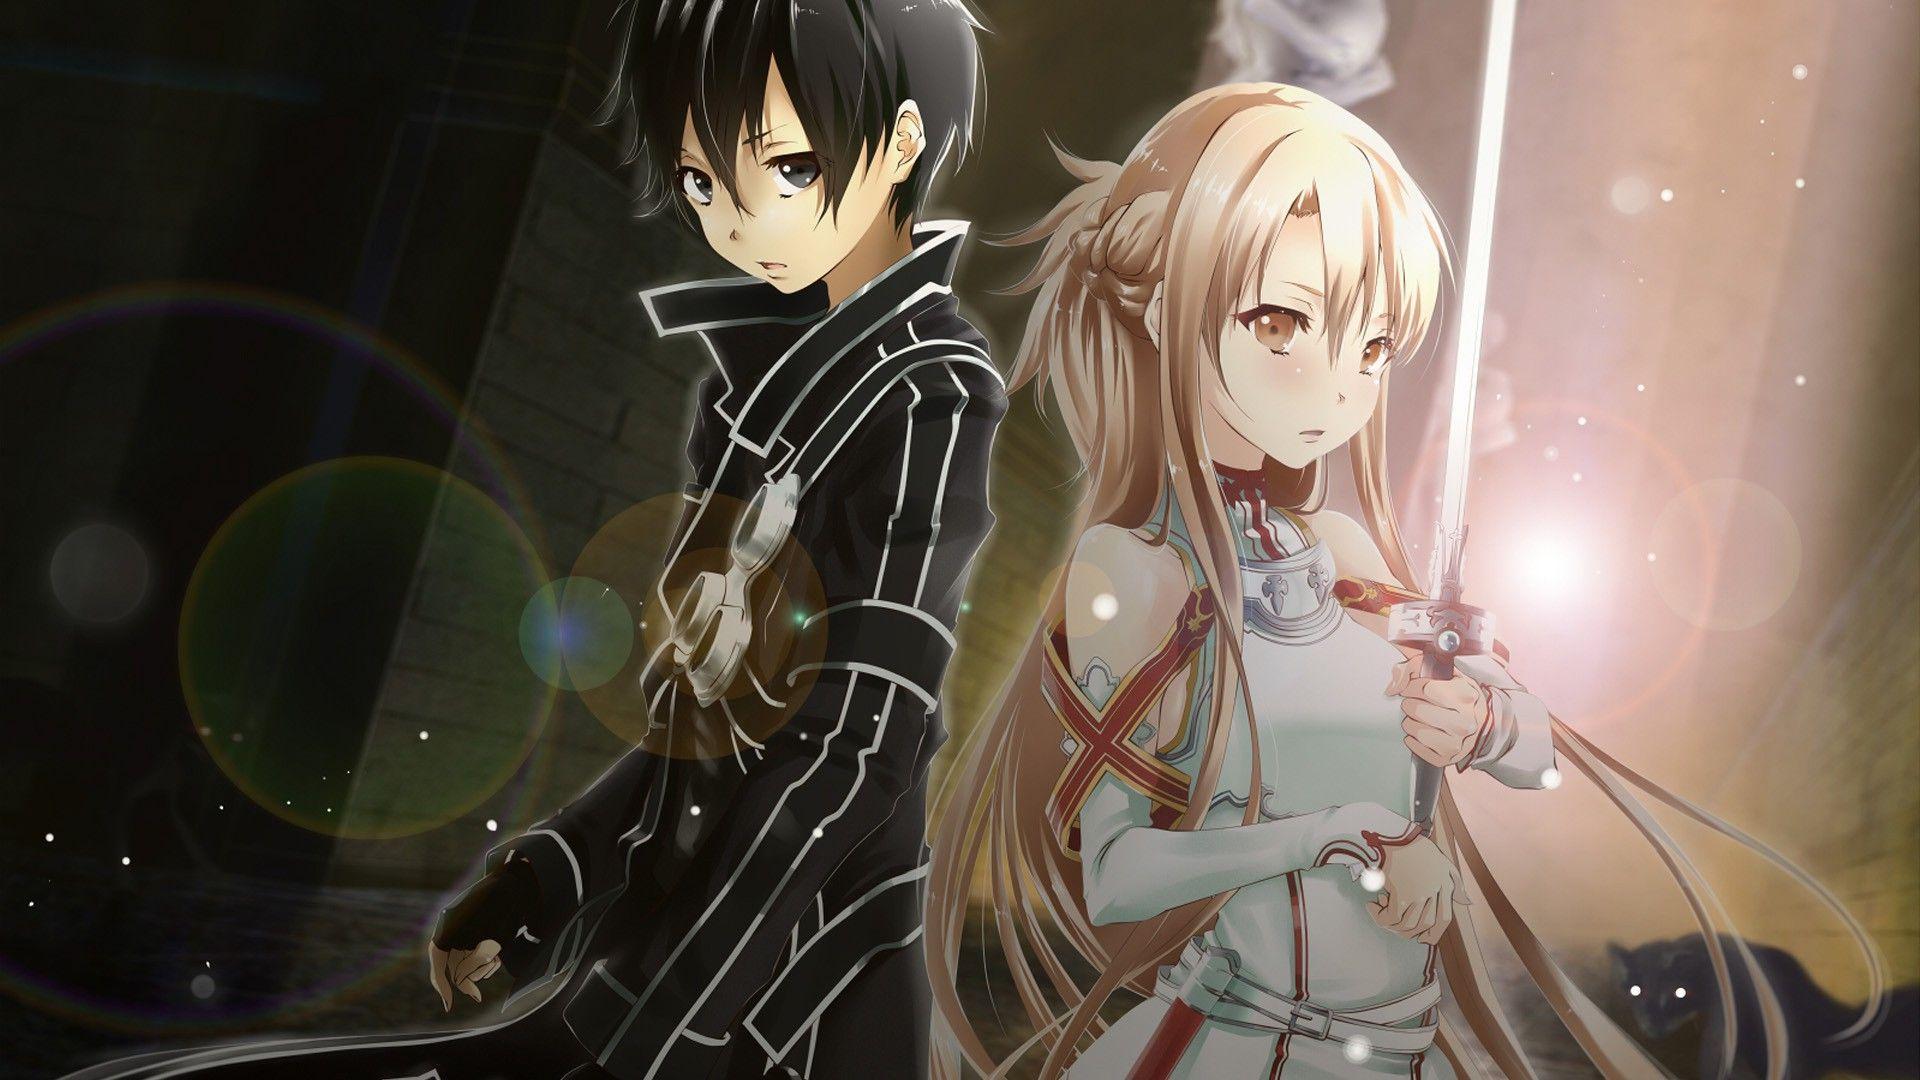 Asuna and Kirito Wallpaper - WallpaperSafari Sword Art Online Wallpaper 1920x1080 Yui